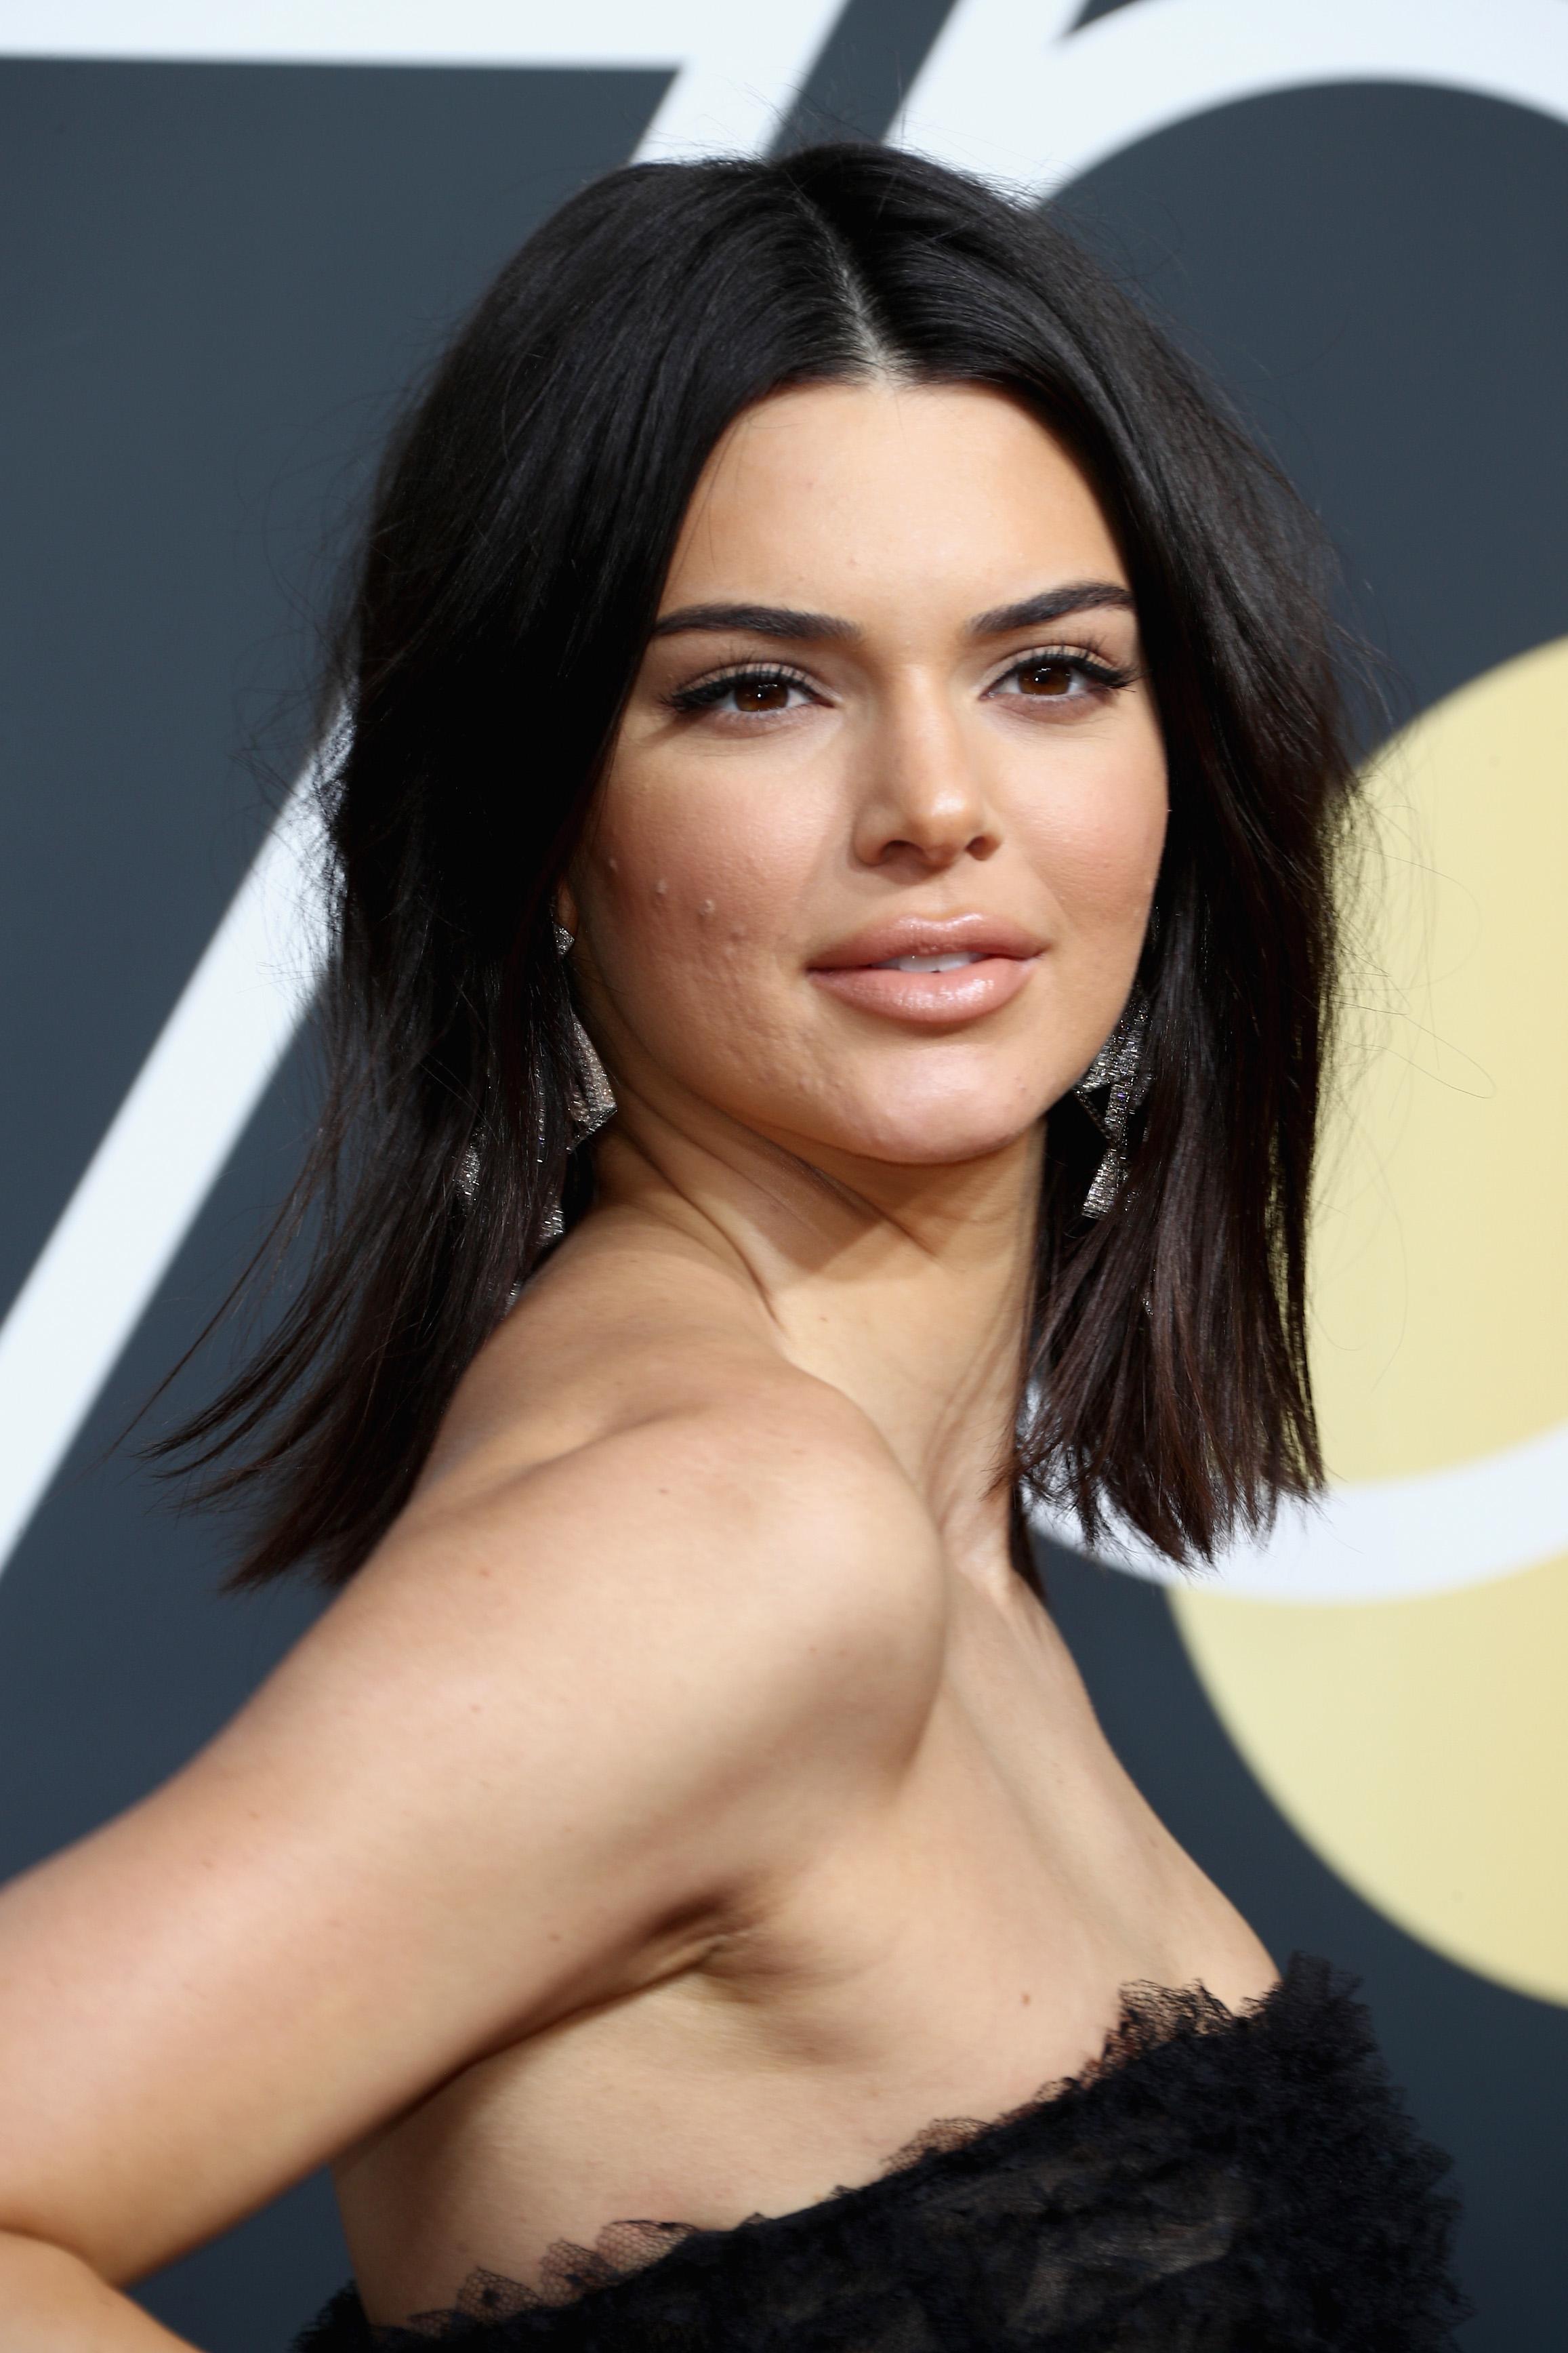 Η Kendall Jenner μιλάει για πρώτη φορά για την ακμή της και το σκηνικό που είχε γίνει στα Golden Globes το 2018! | tlife.gr